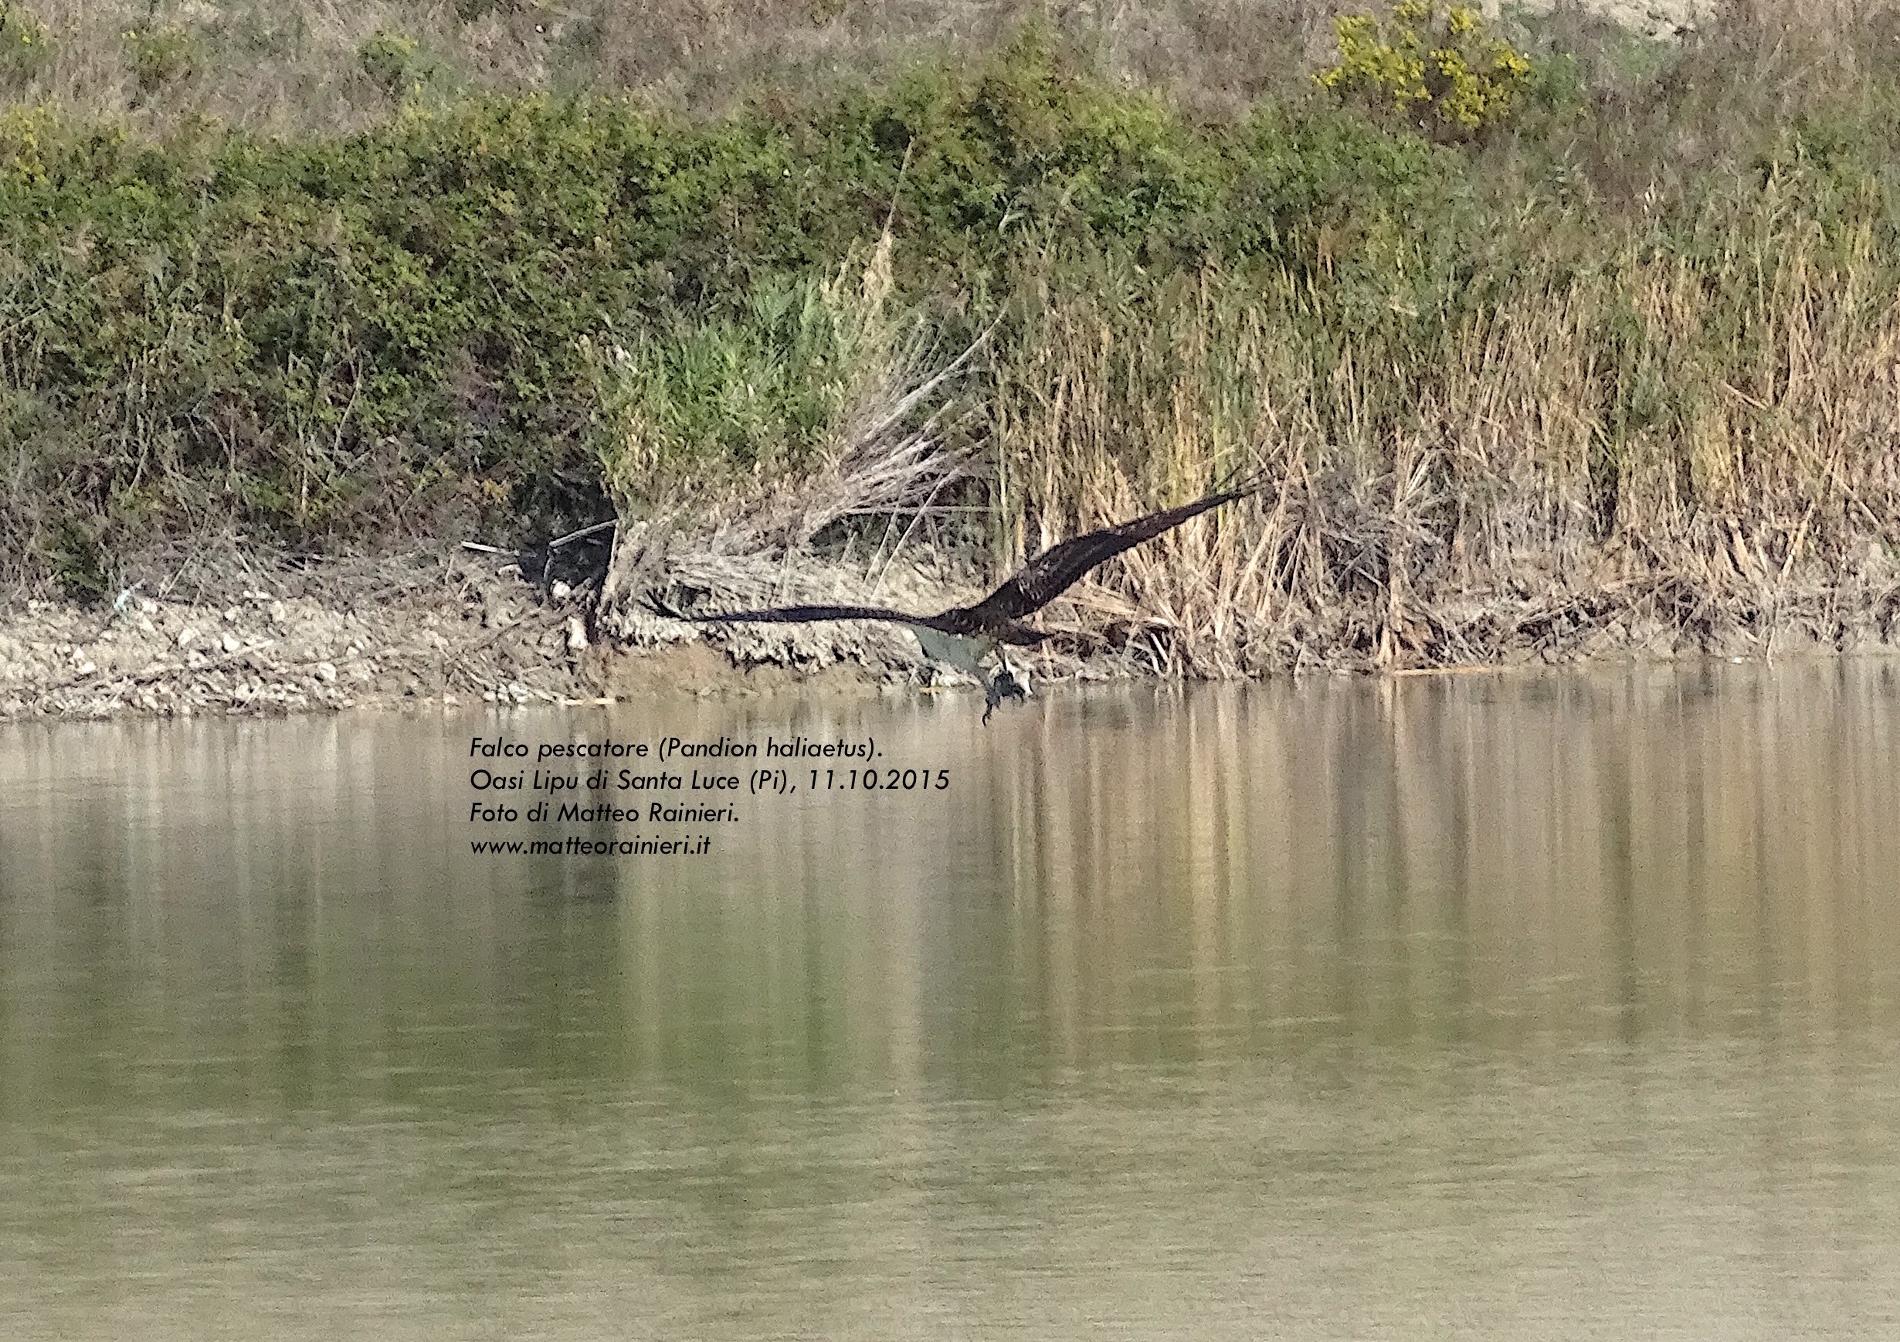 falco pescatore - matteo rainieri